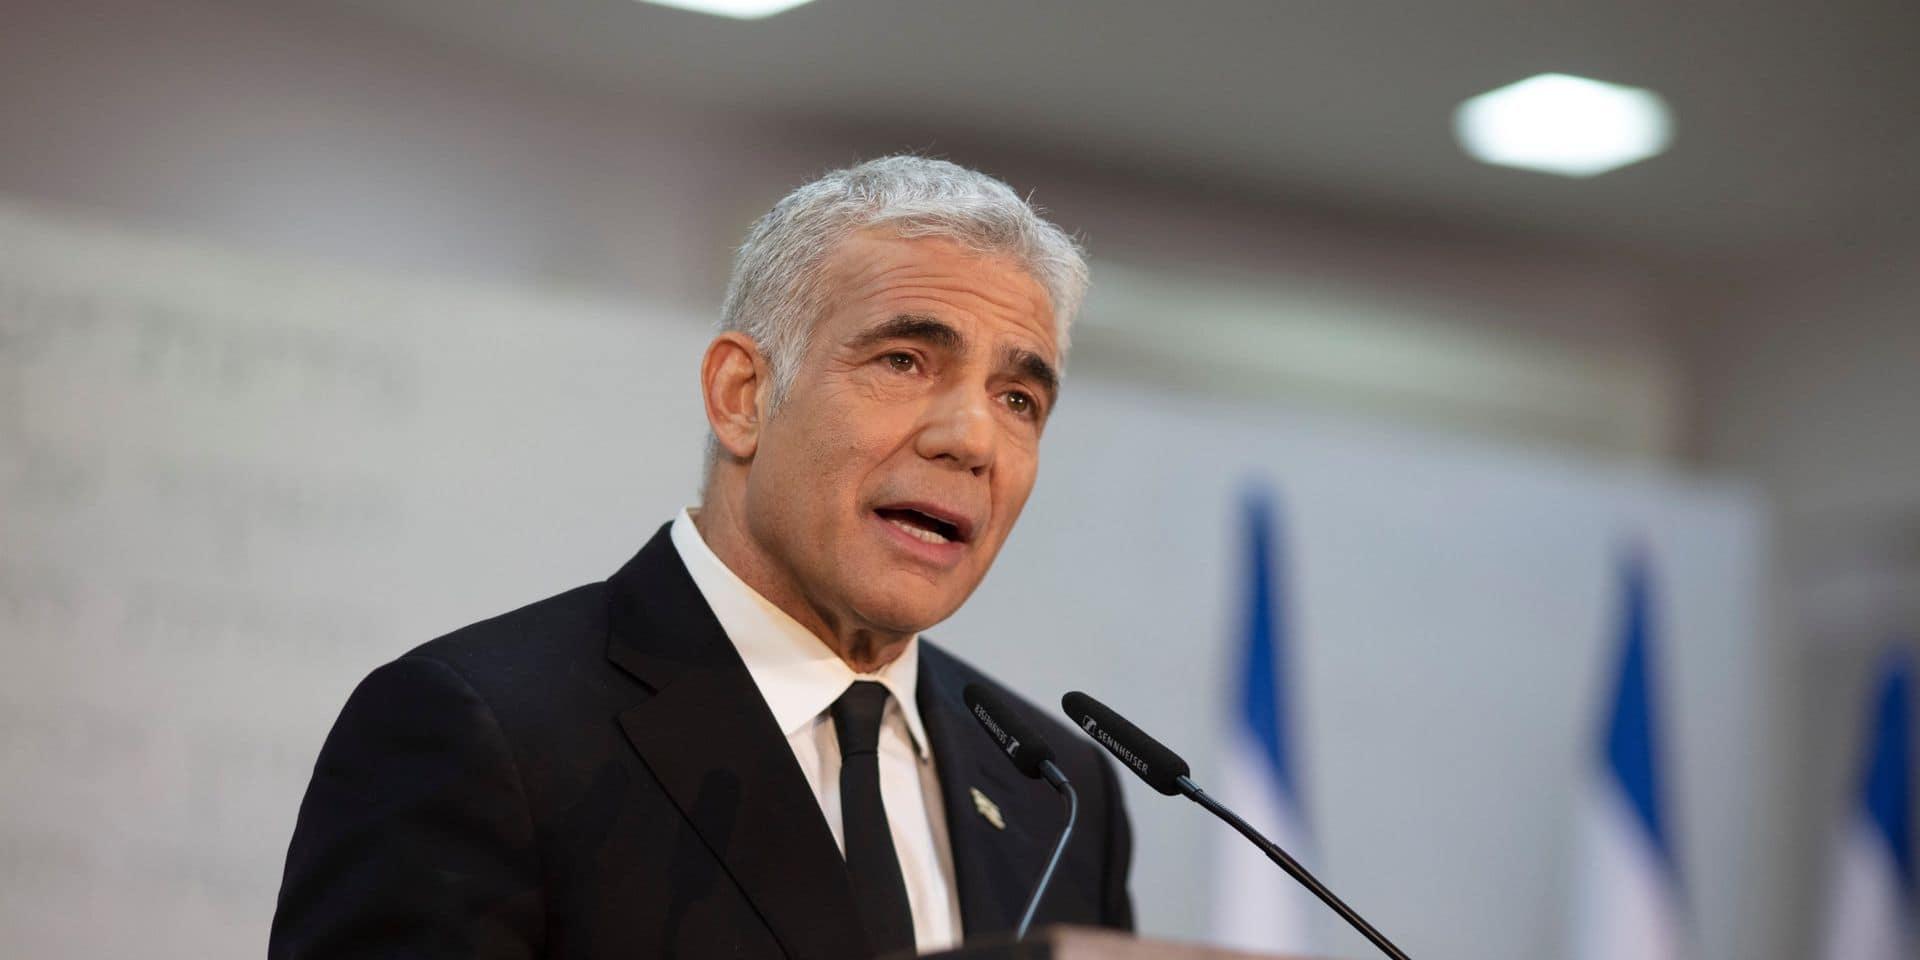 Yair Lapid, le président du Yesh Atid, parti centriste israélien.